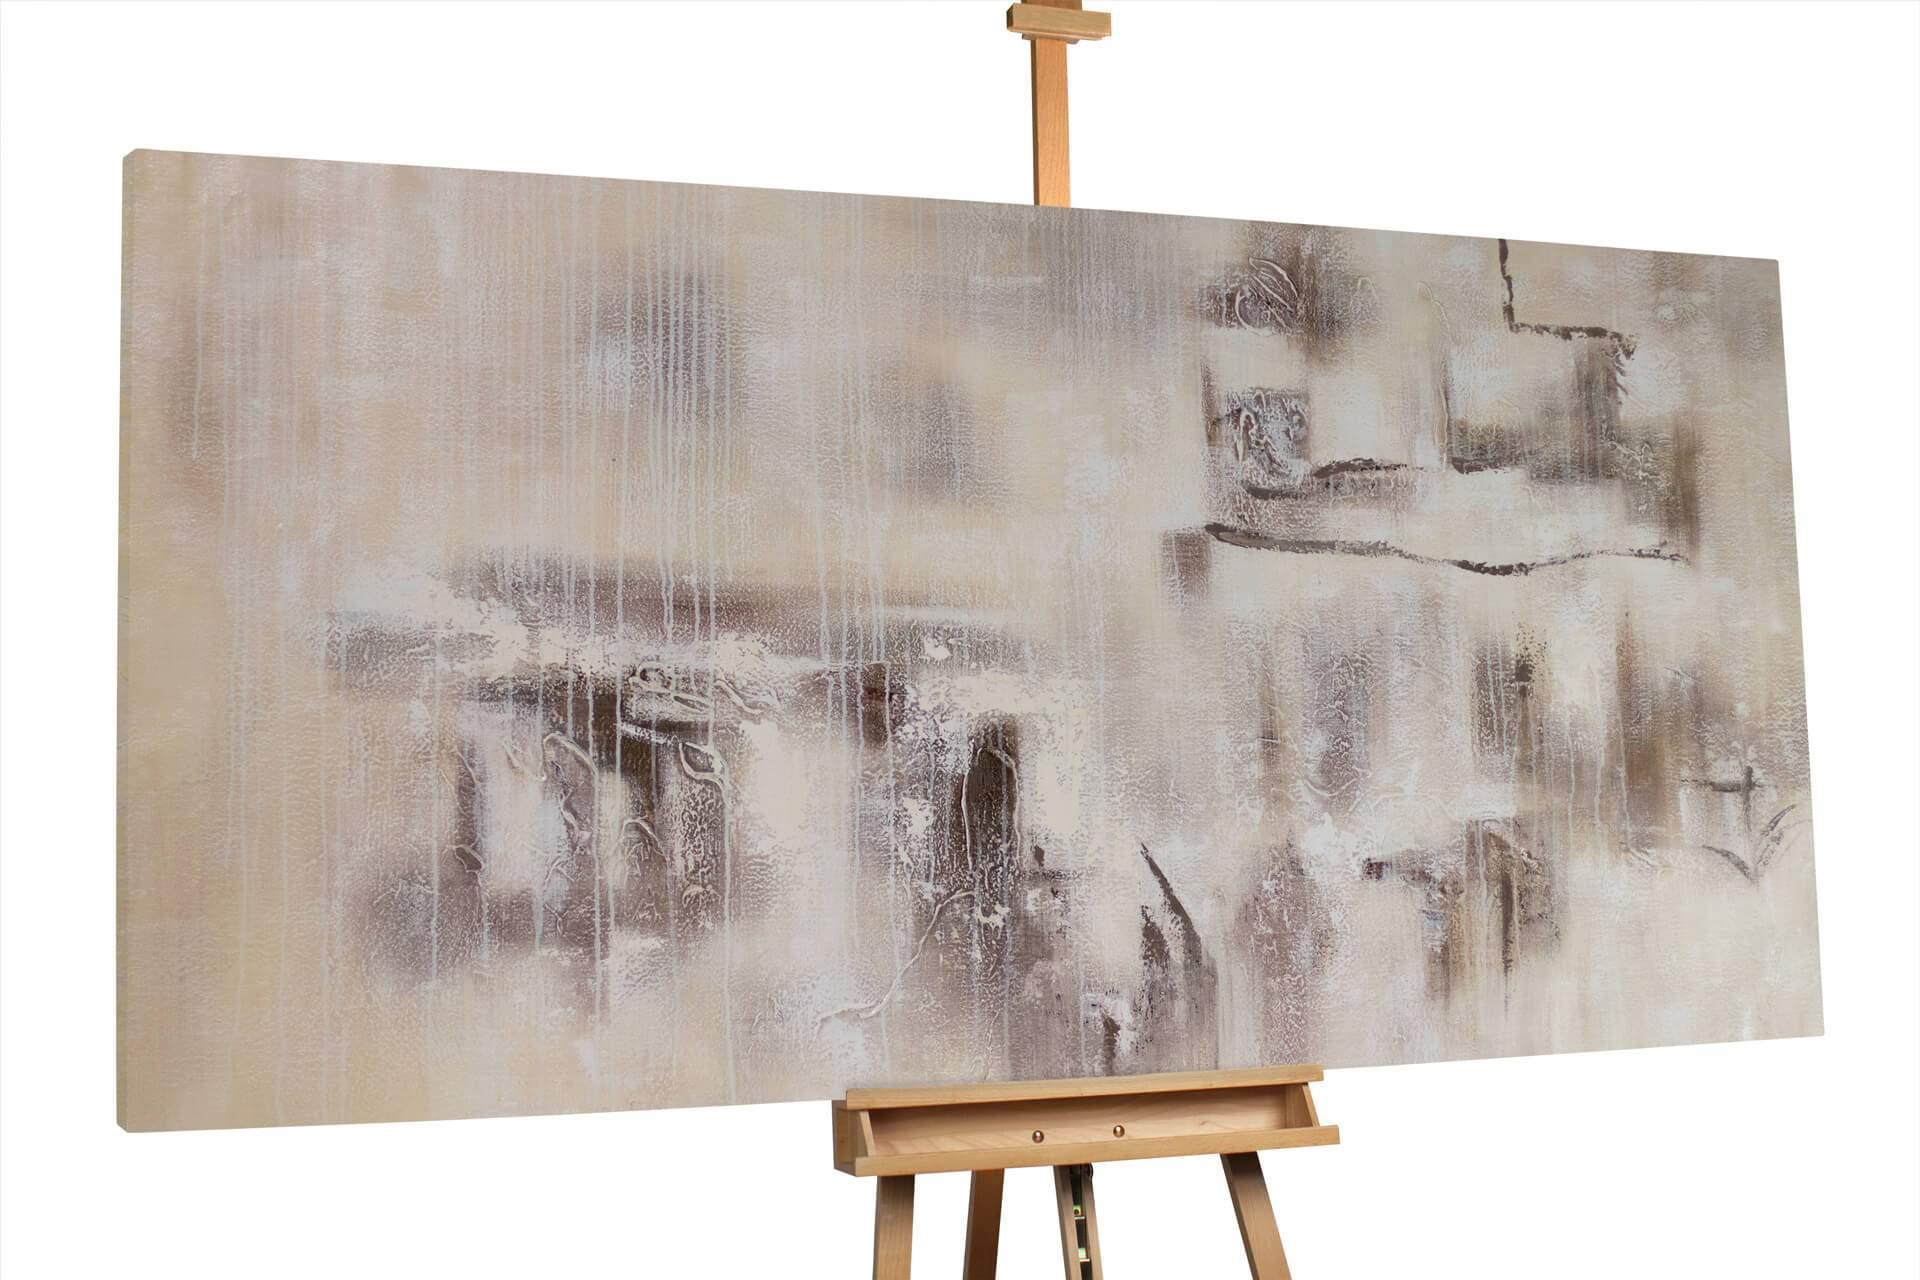 holzstamm deko garten schon xxl oil painting hopeless 79x39 inches of holzstamm deko garten